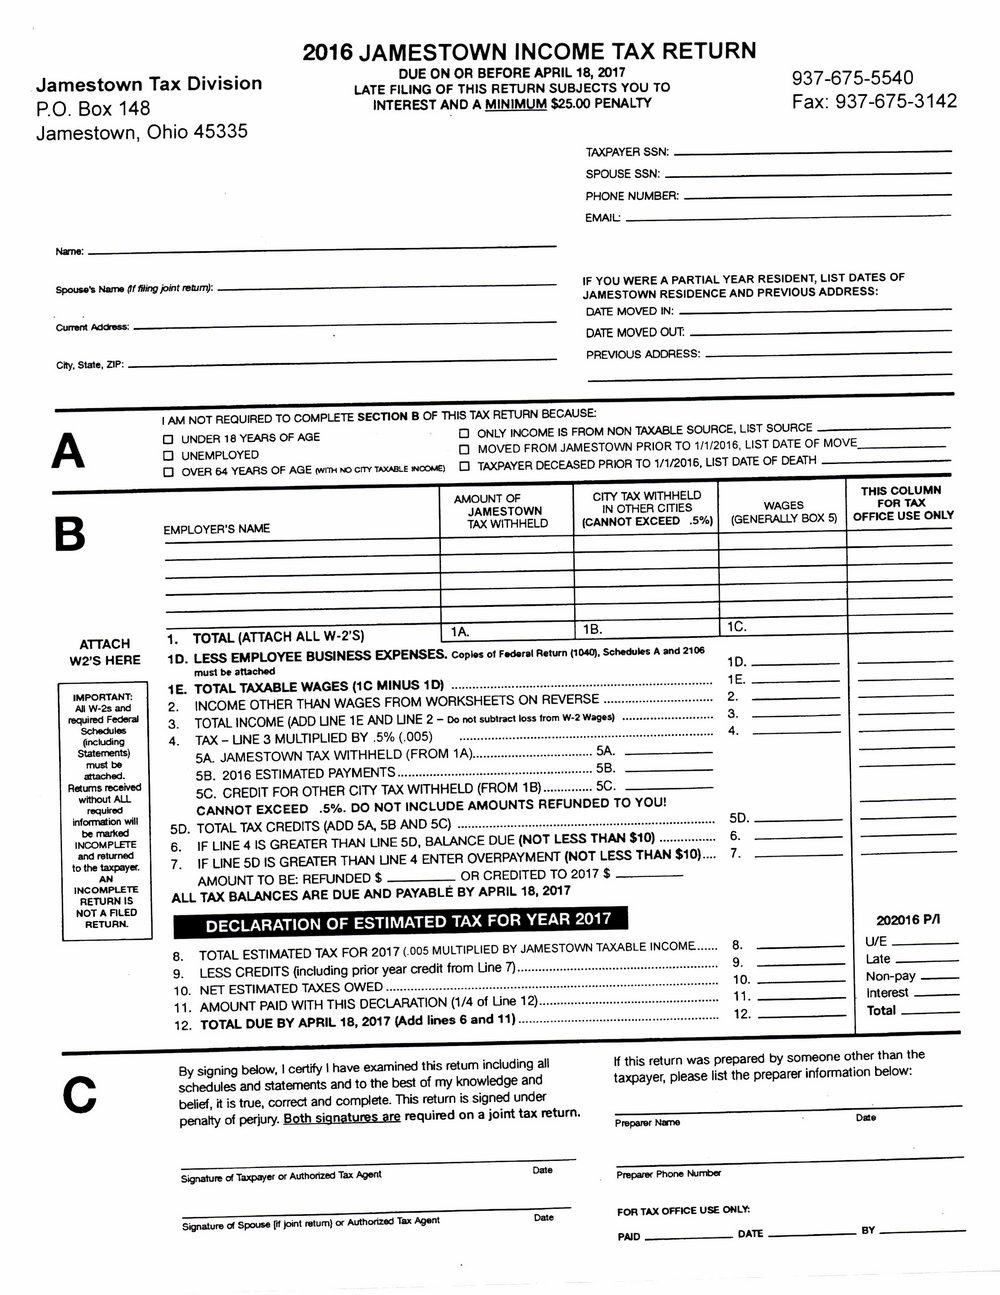 1040ez Form 2015 Instructions